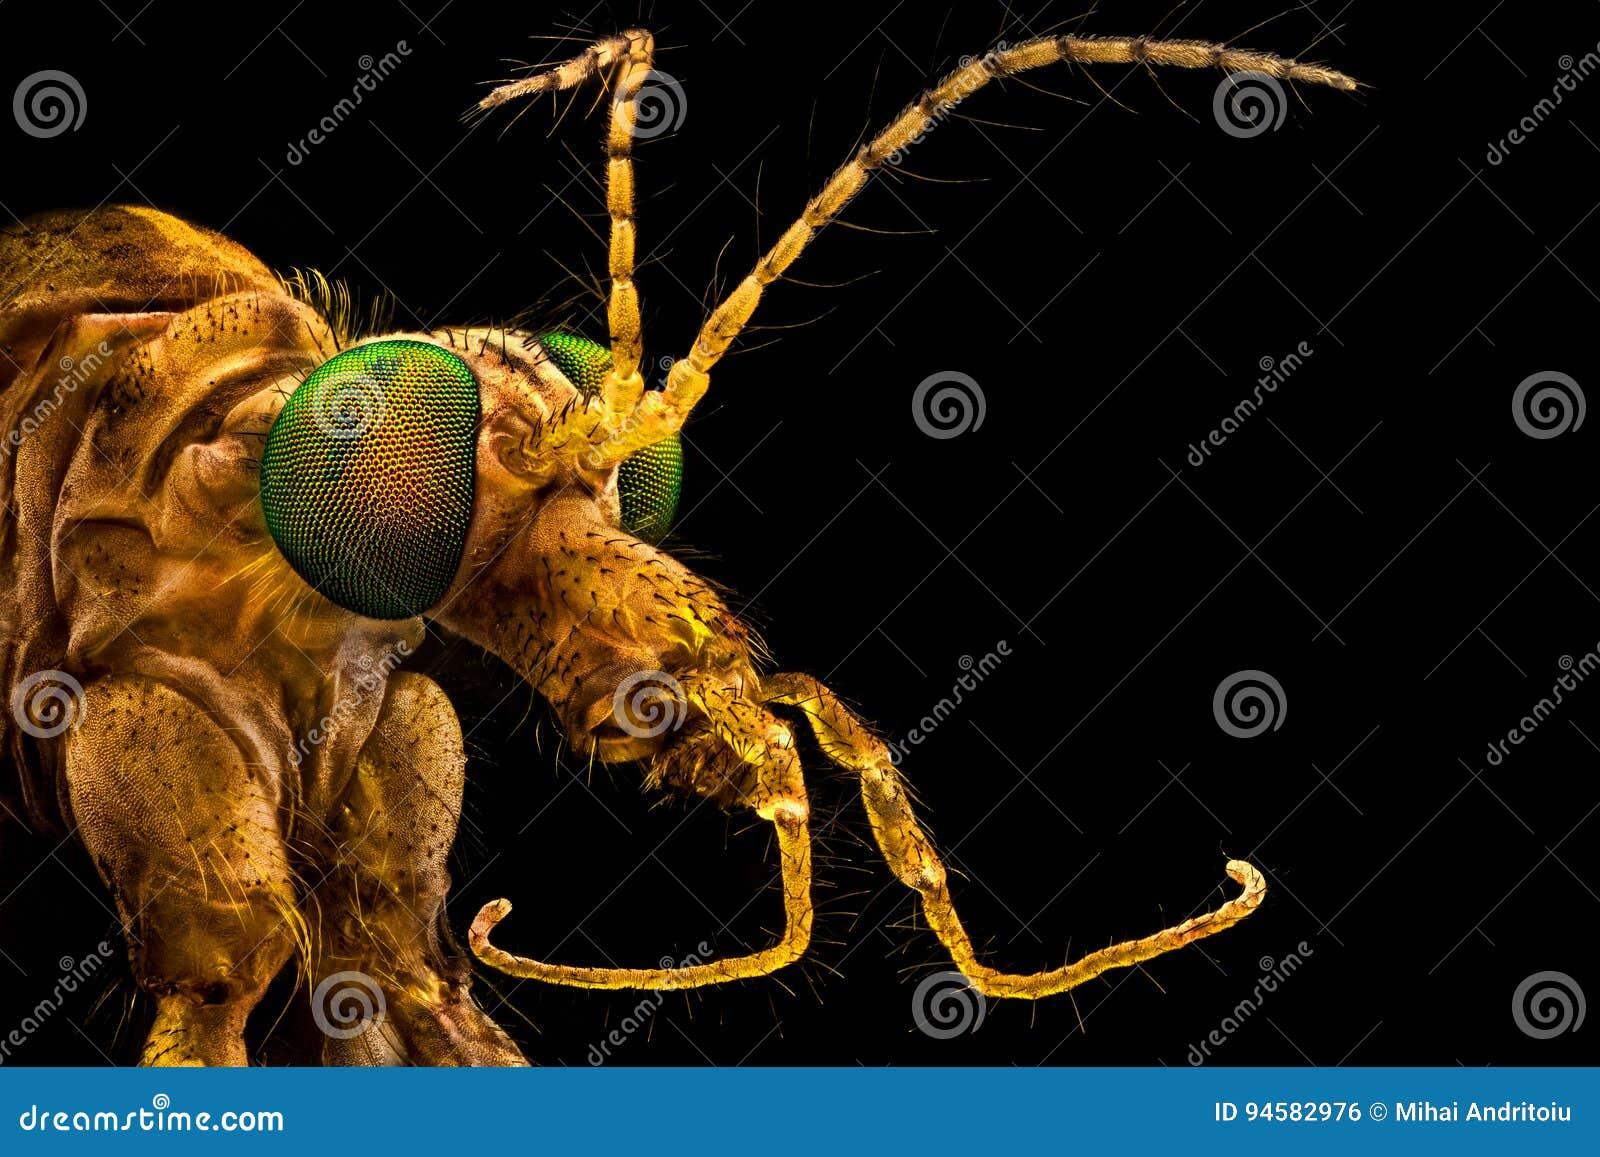 绿眼的大蚊